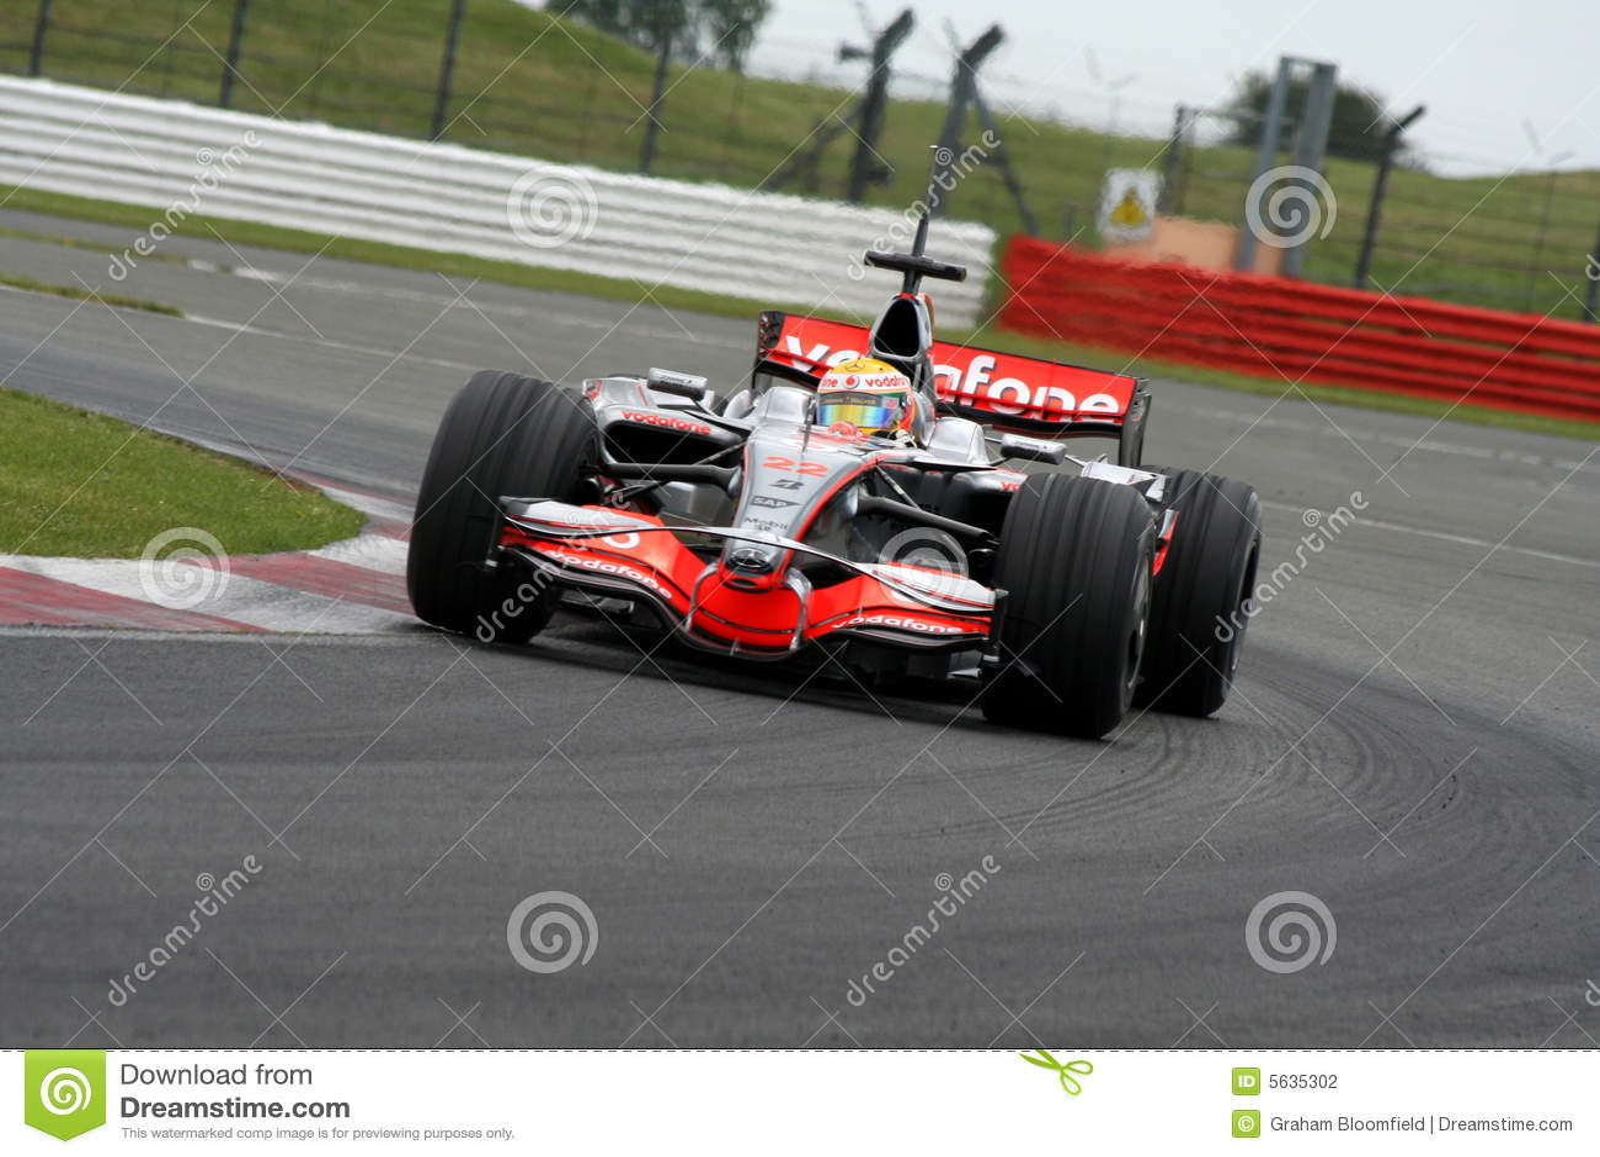 Lewis Silverstone hamilton